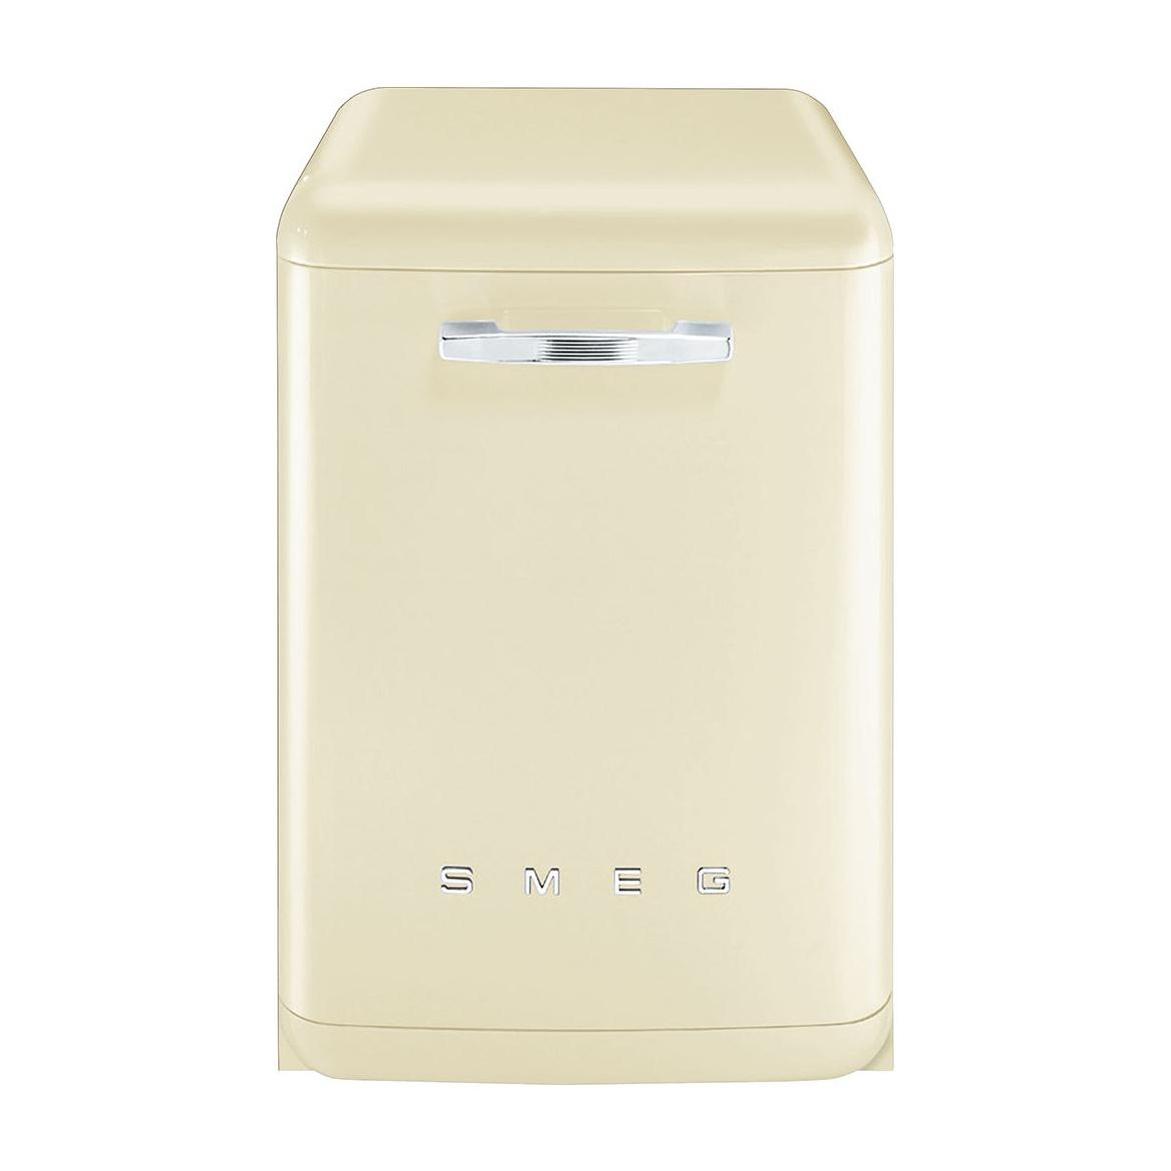 Smeg - LVFAB Standgeschirrspüler - creme/lackiert/59.8x88.5x67.5cm | Küche und Esszimmer > Küchenelektrogeräte > Gefrierschränke | Creme | Metall | Smeg